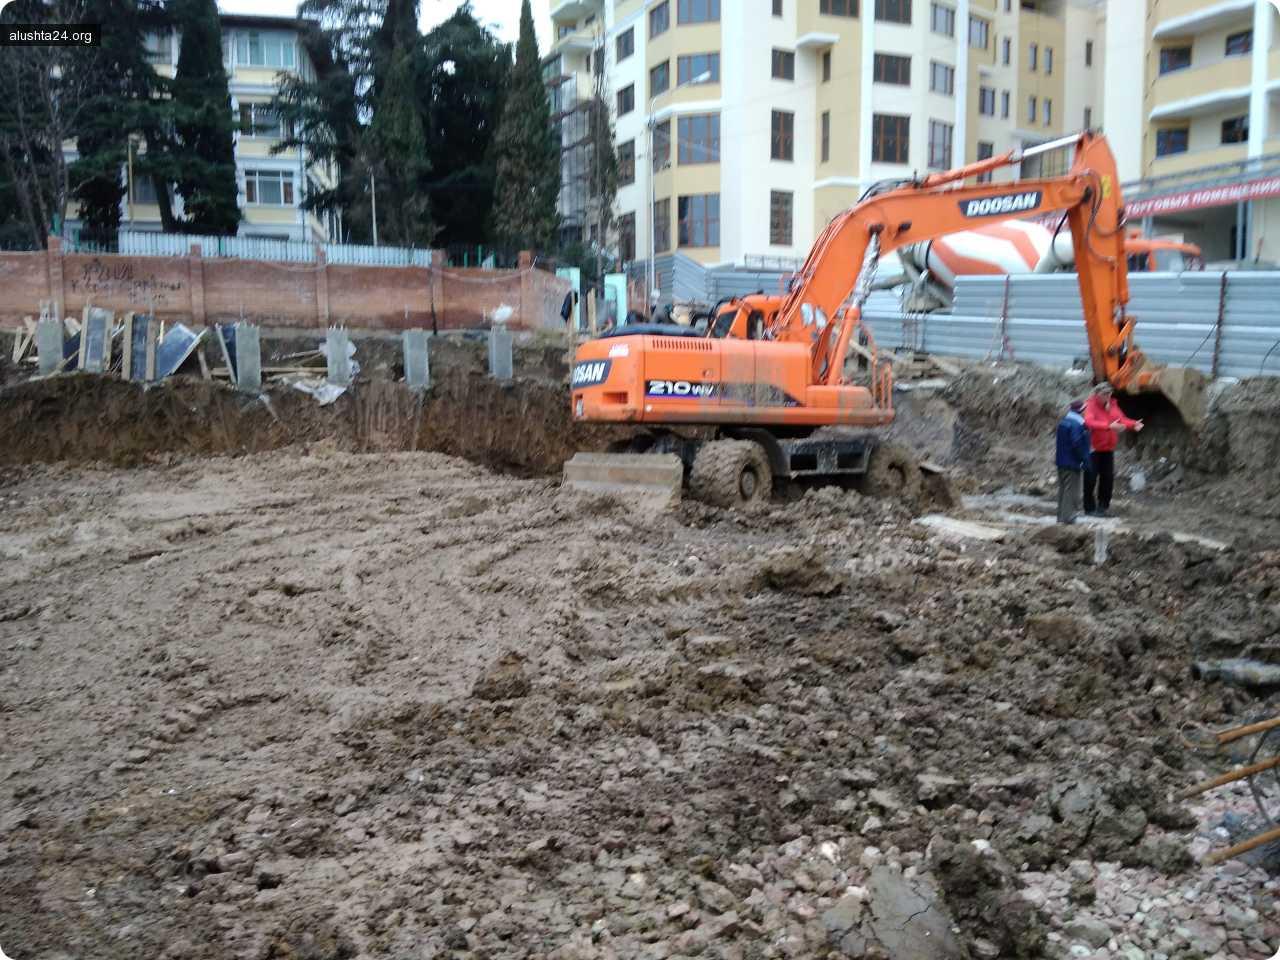 Все об Алуште: В соответствии с планами продолжается освоение Приморского парка